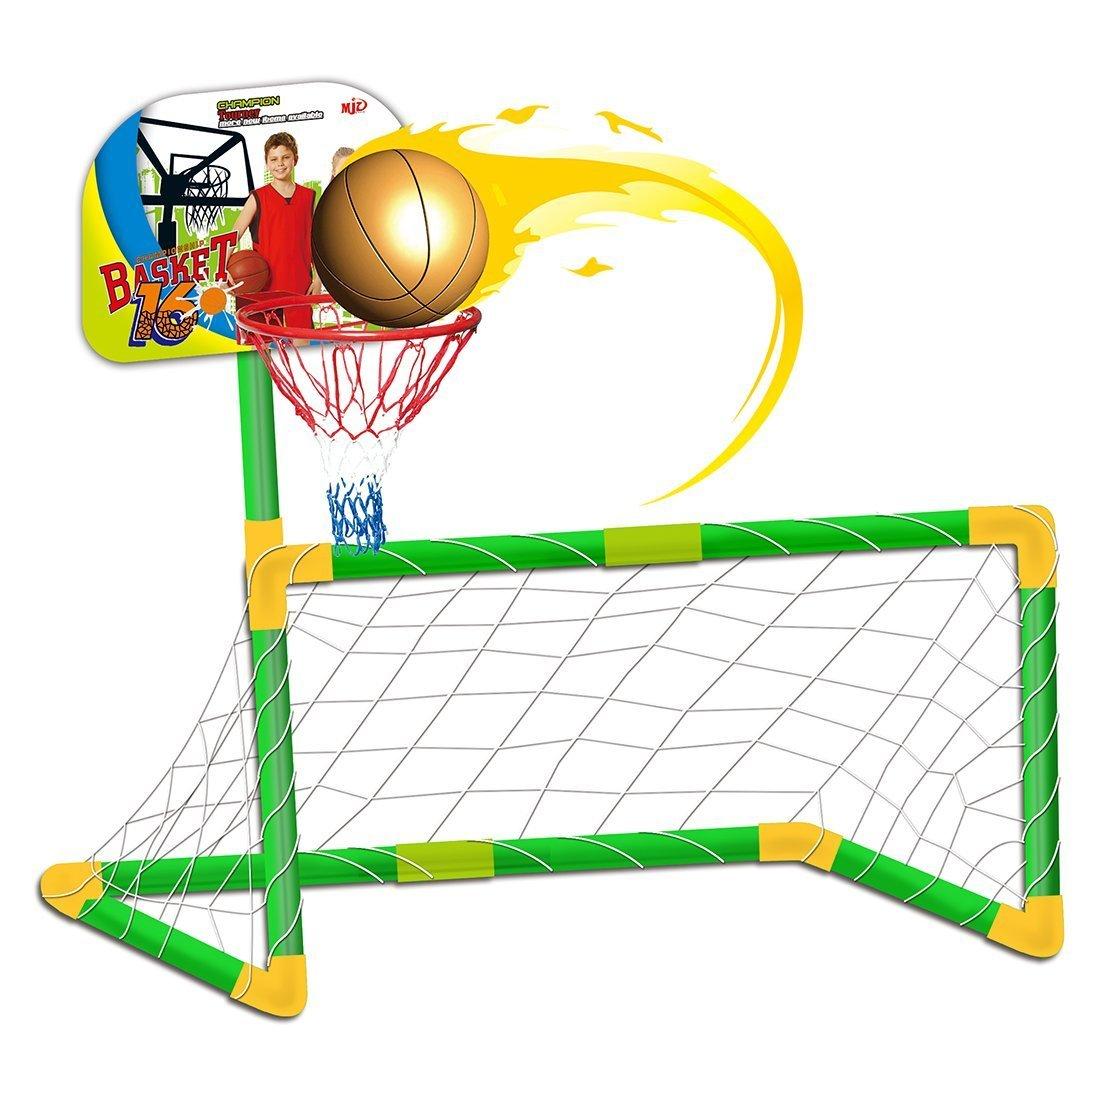 deAO - Juego de Soporte de Baloncesto y fútbol, 2 en 1, Juego ...